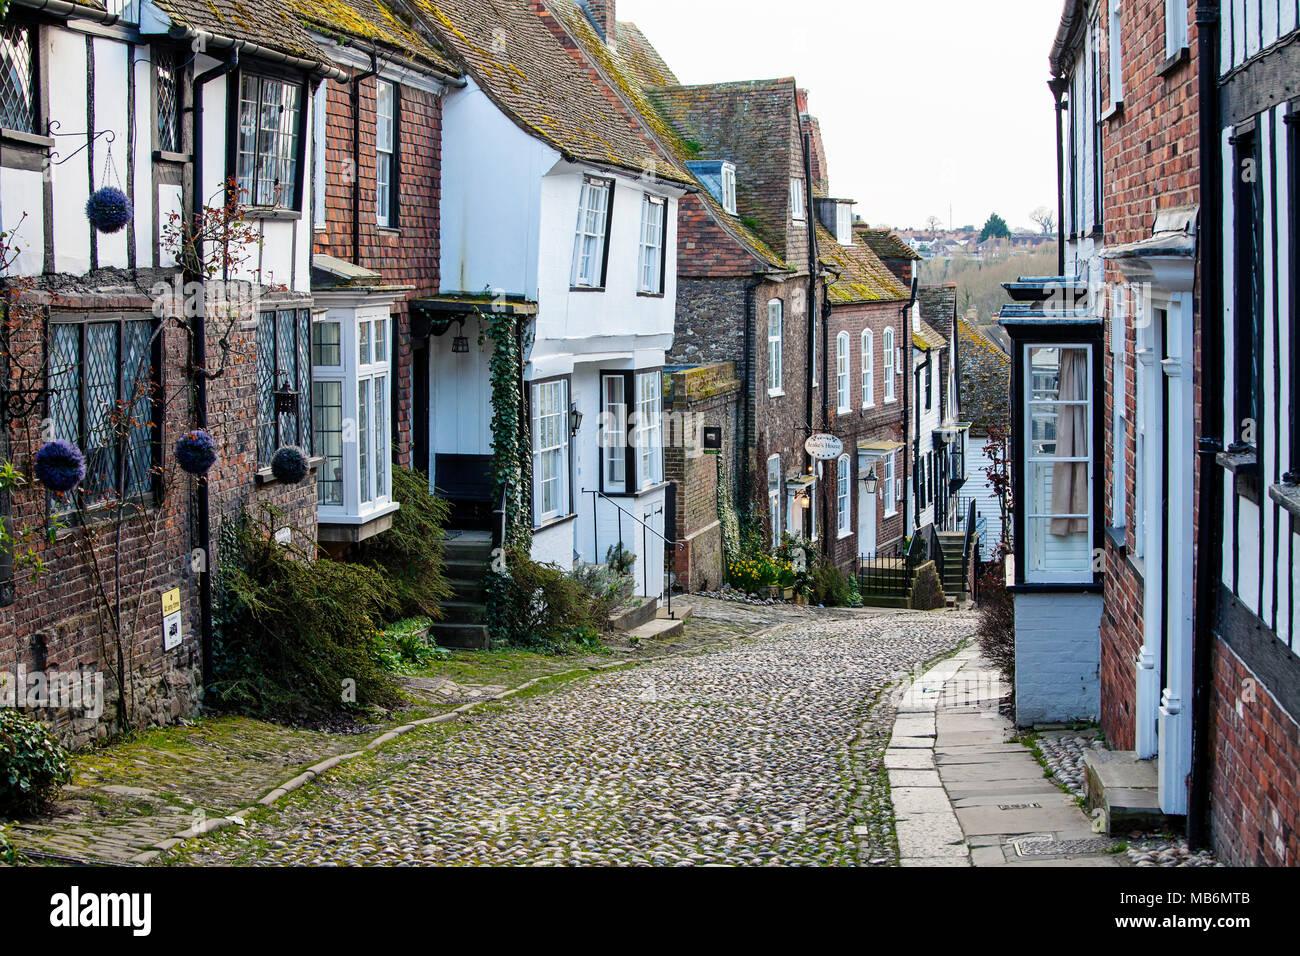 Le SEIGLE, UK - 5 avril 2018: Mermaid Street dans le seigle est une vieille rue pavée, qui utilisé pour être l'ancienne ville, route principale. Cette célèbre rue est bordée Photo Stock